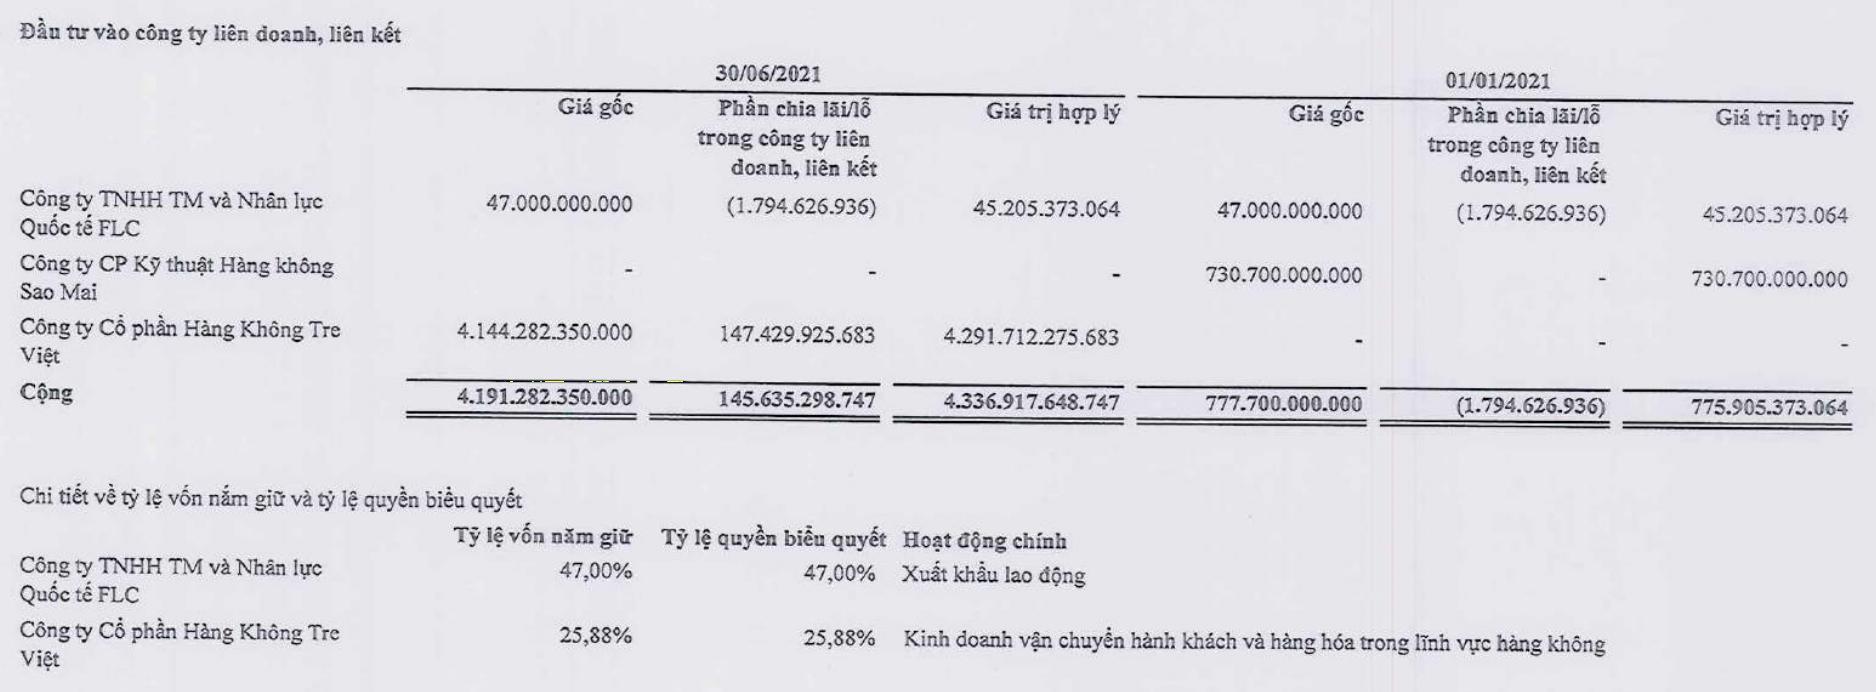 Tập đoàn FLC báo lãi 65 tỷ đồng sau nửa năm, đầu tư thêm trăm tỷ vào chứng khoán - Ảnh 2.